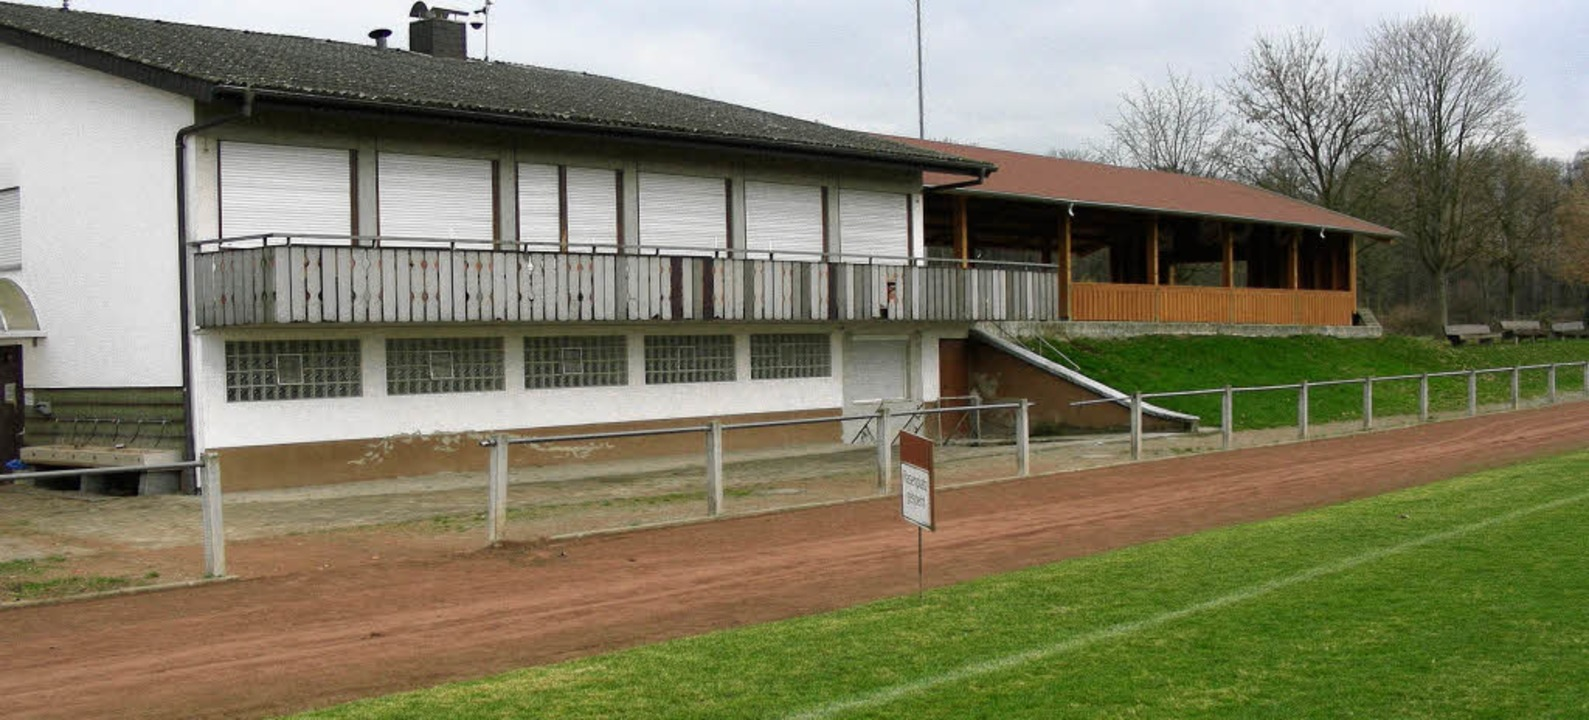 Das Sportheim des SV Gottenheim muss d... nach  Süden  (rechts) versetzt wird.   | Foto: mario schöneberg